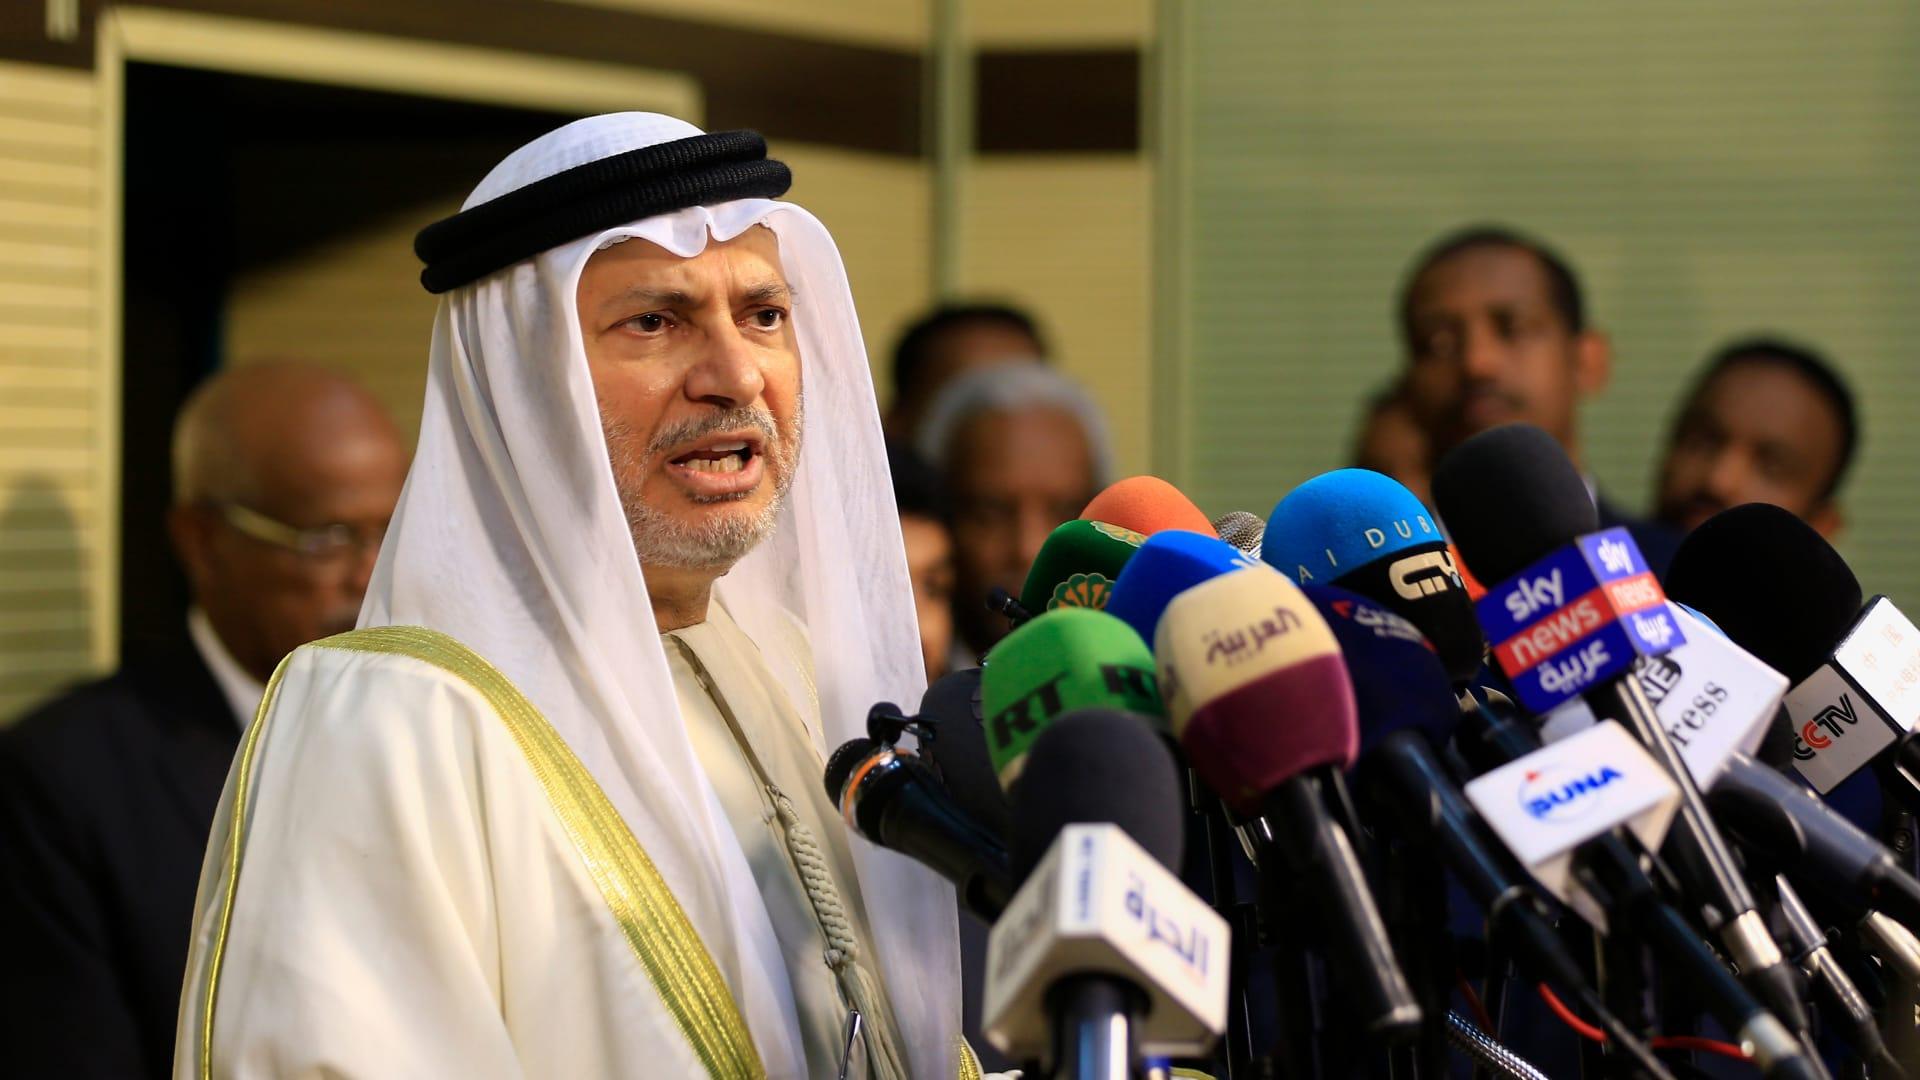 قرقاش لـCNN: إعلان العلا ليس حلاً تجميلياً.. والتركيز على رأب الصدع في الخليج